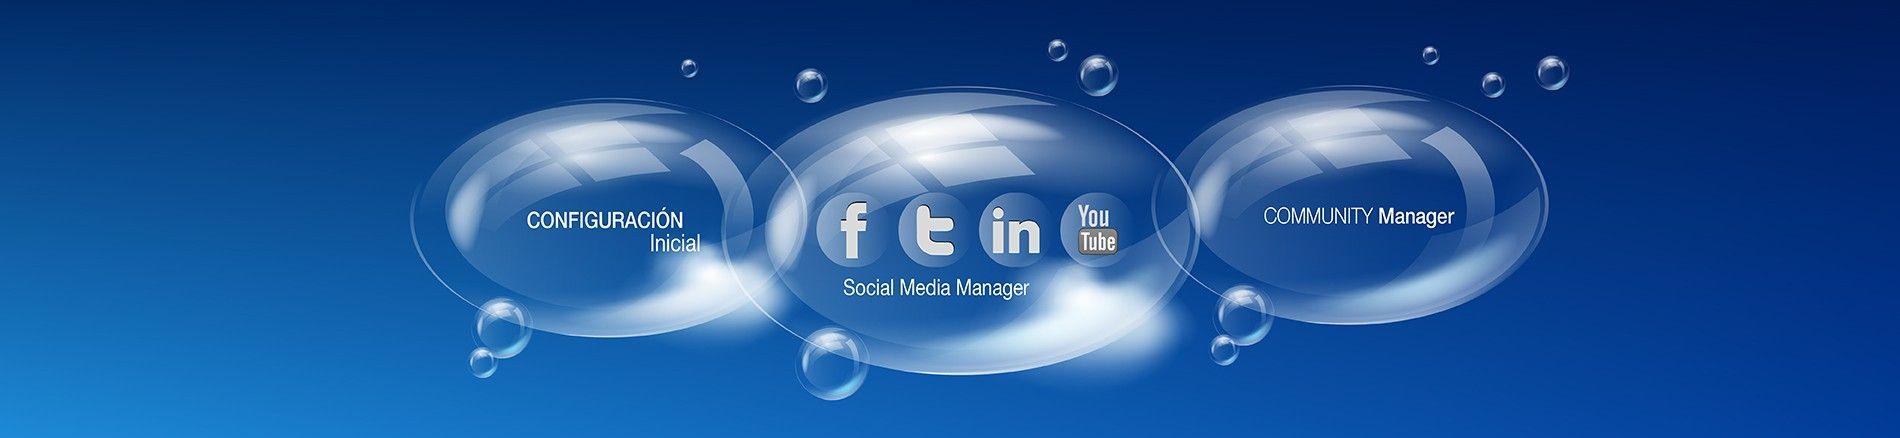 slider_redes_sociales_2